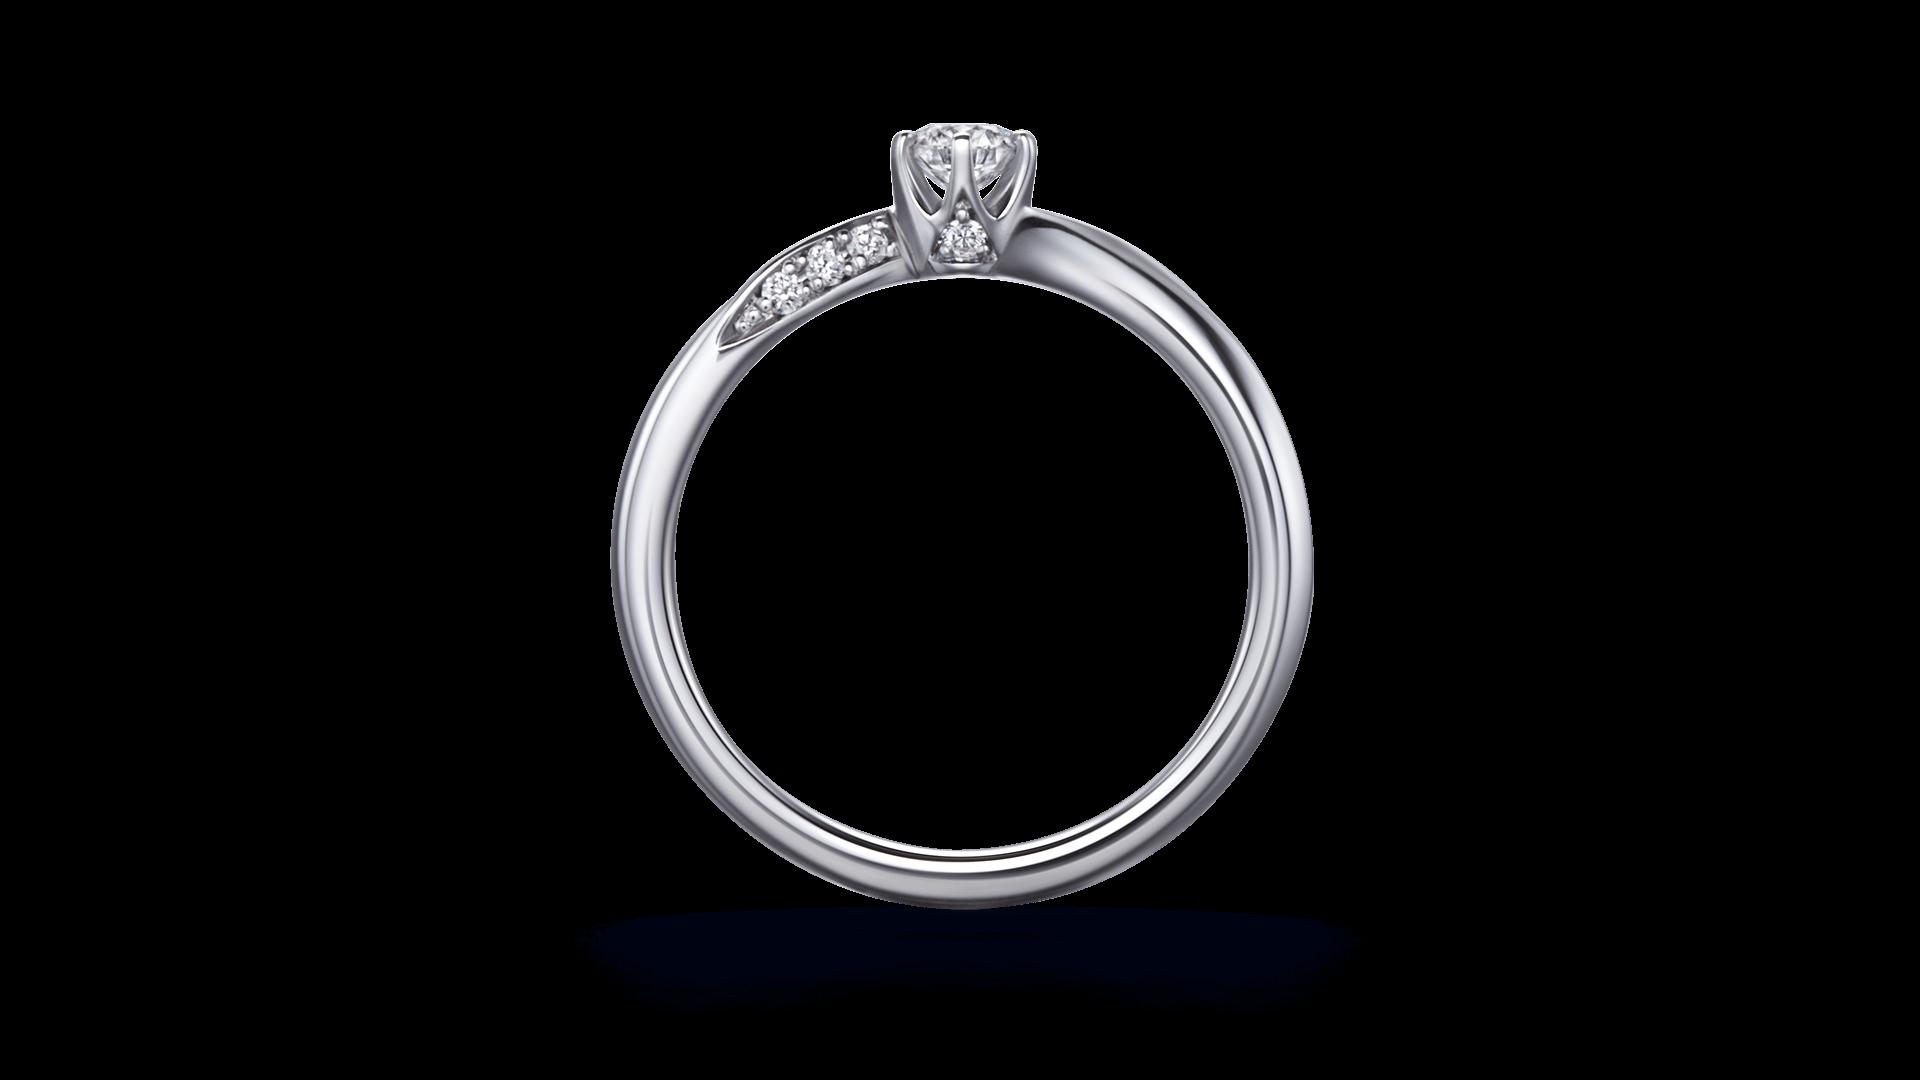 flanery フラネリー | 婚約指輪サムネイル 2